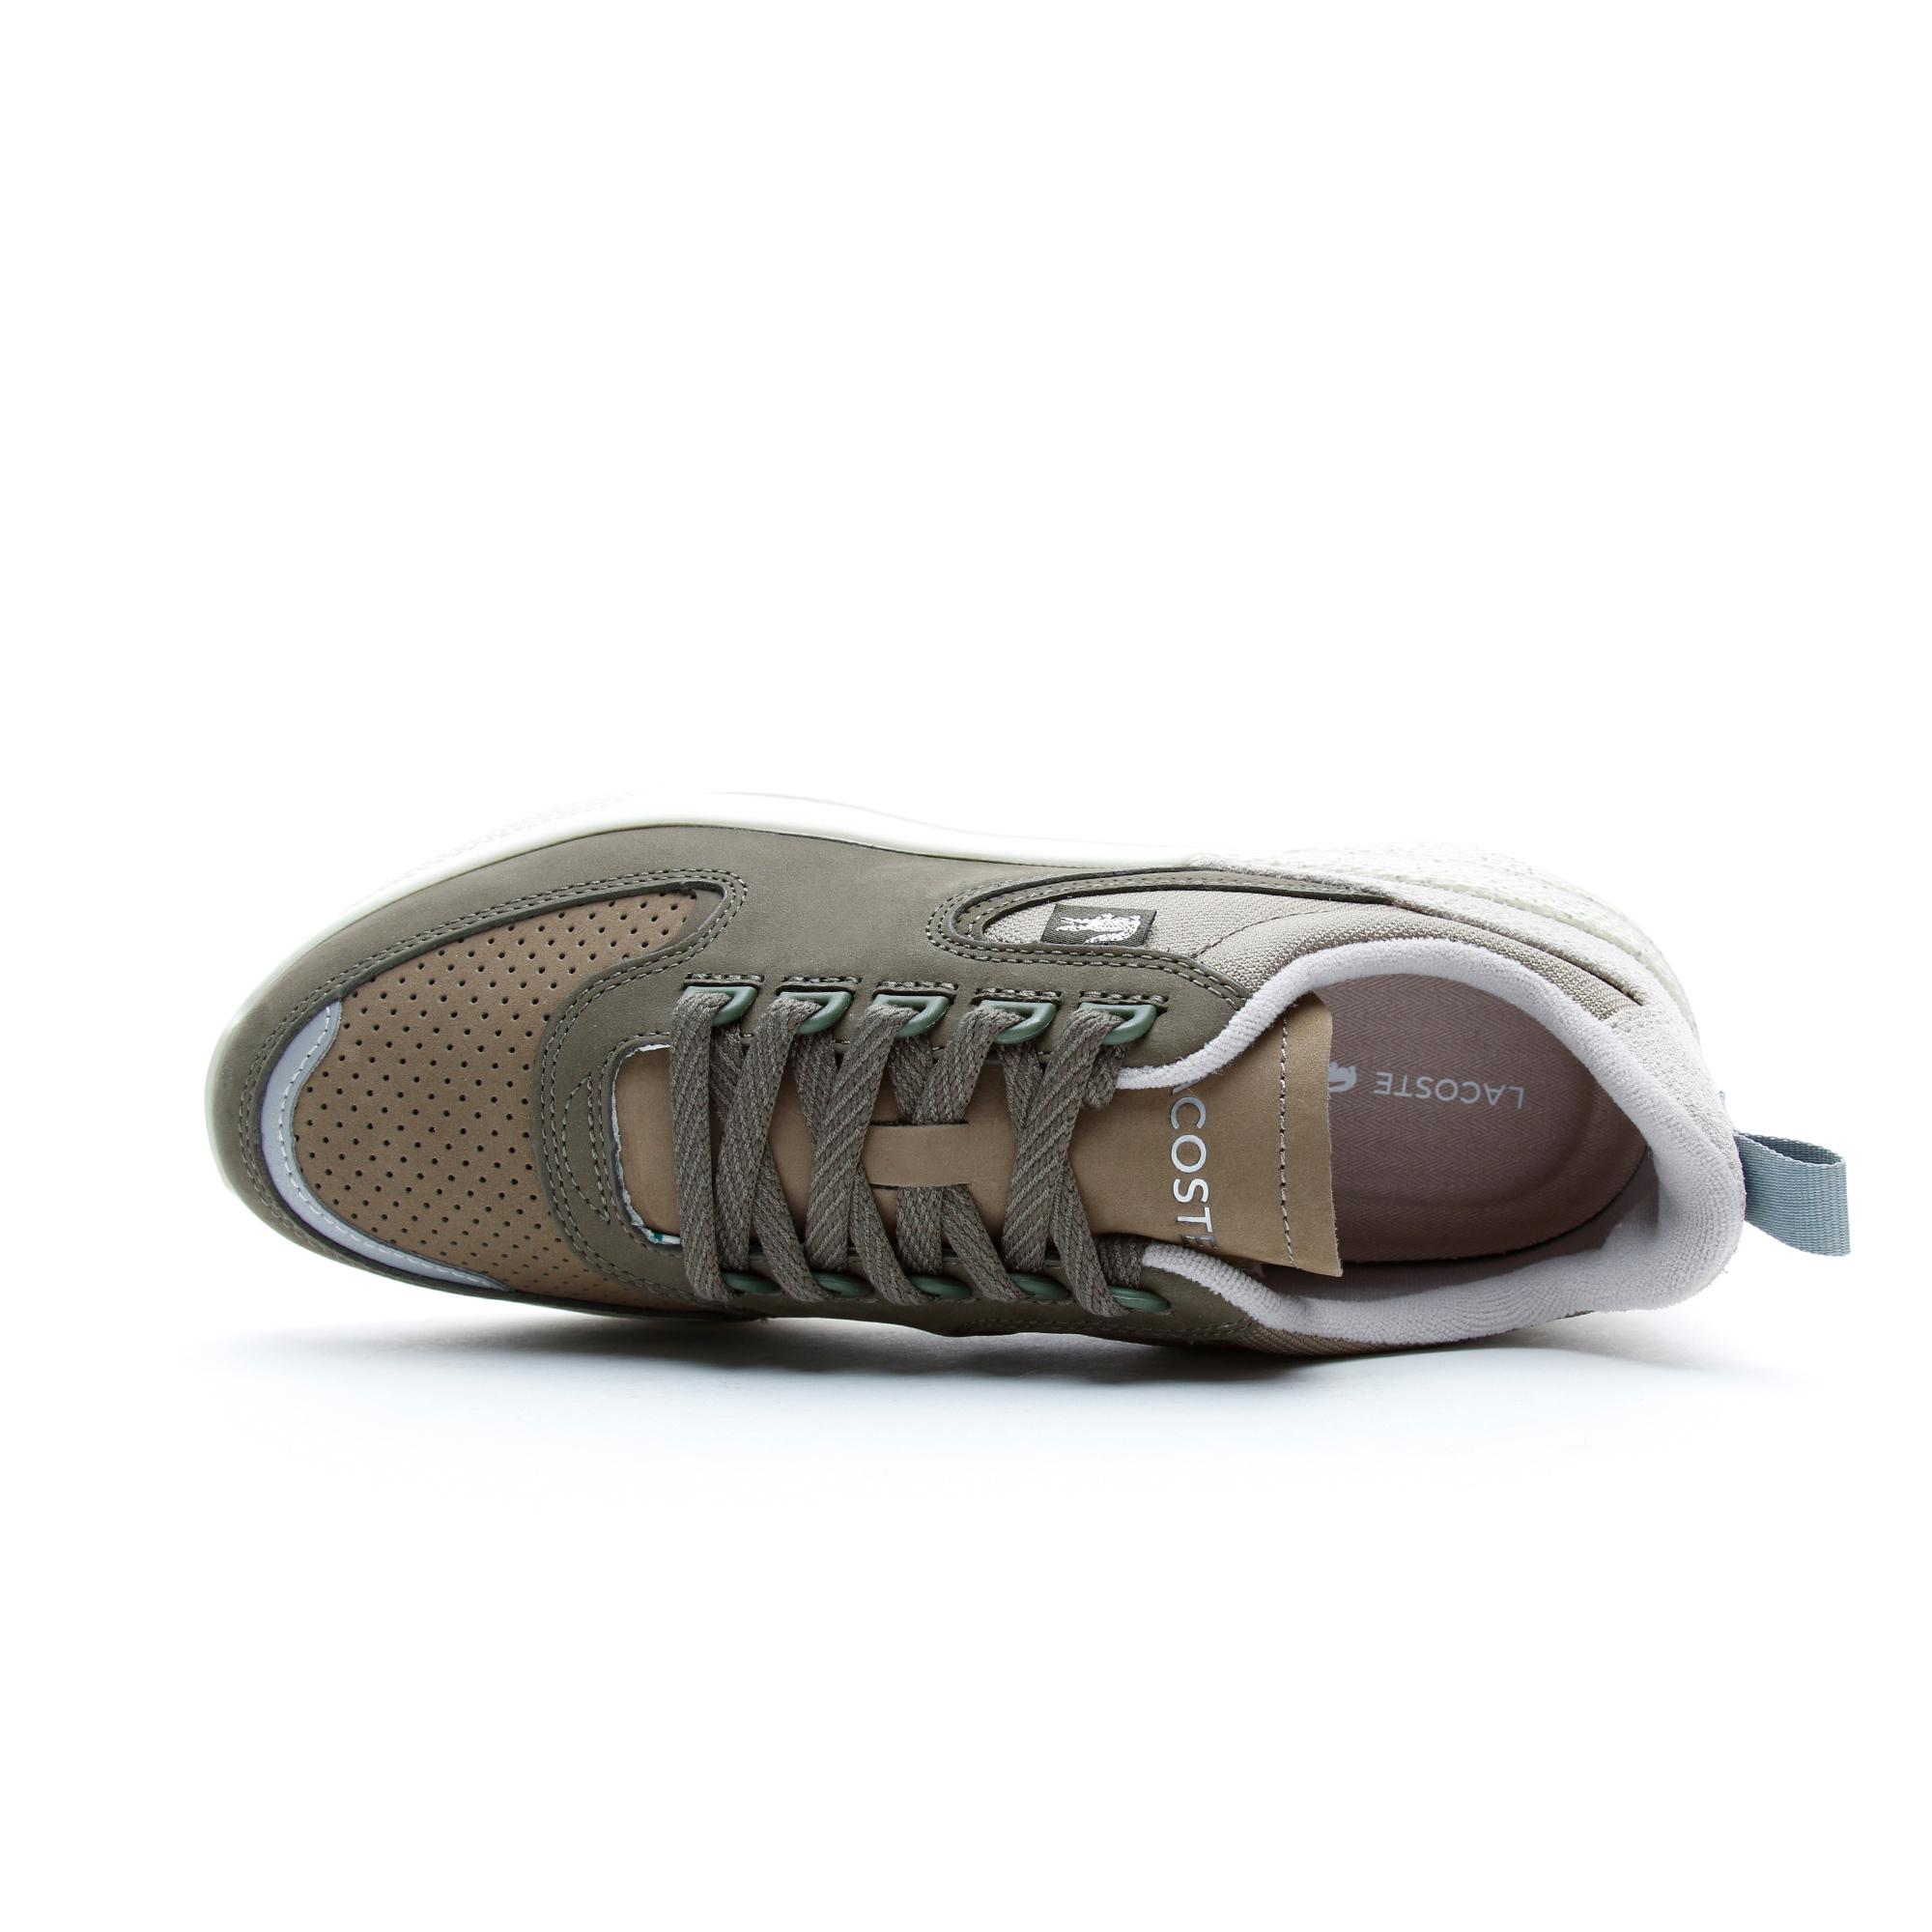 Lacoste Wildcard Erkek Haki - Bej Spor Ayakkabı